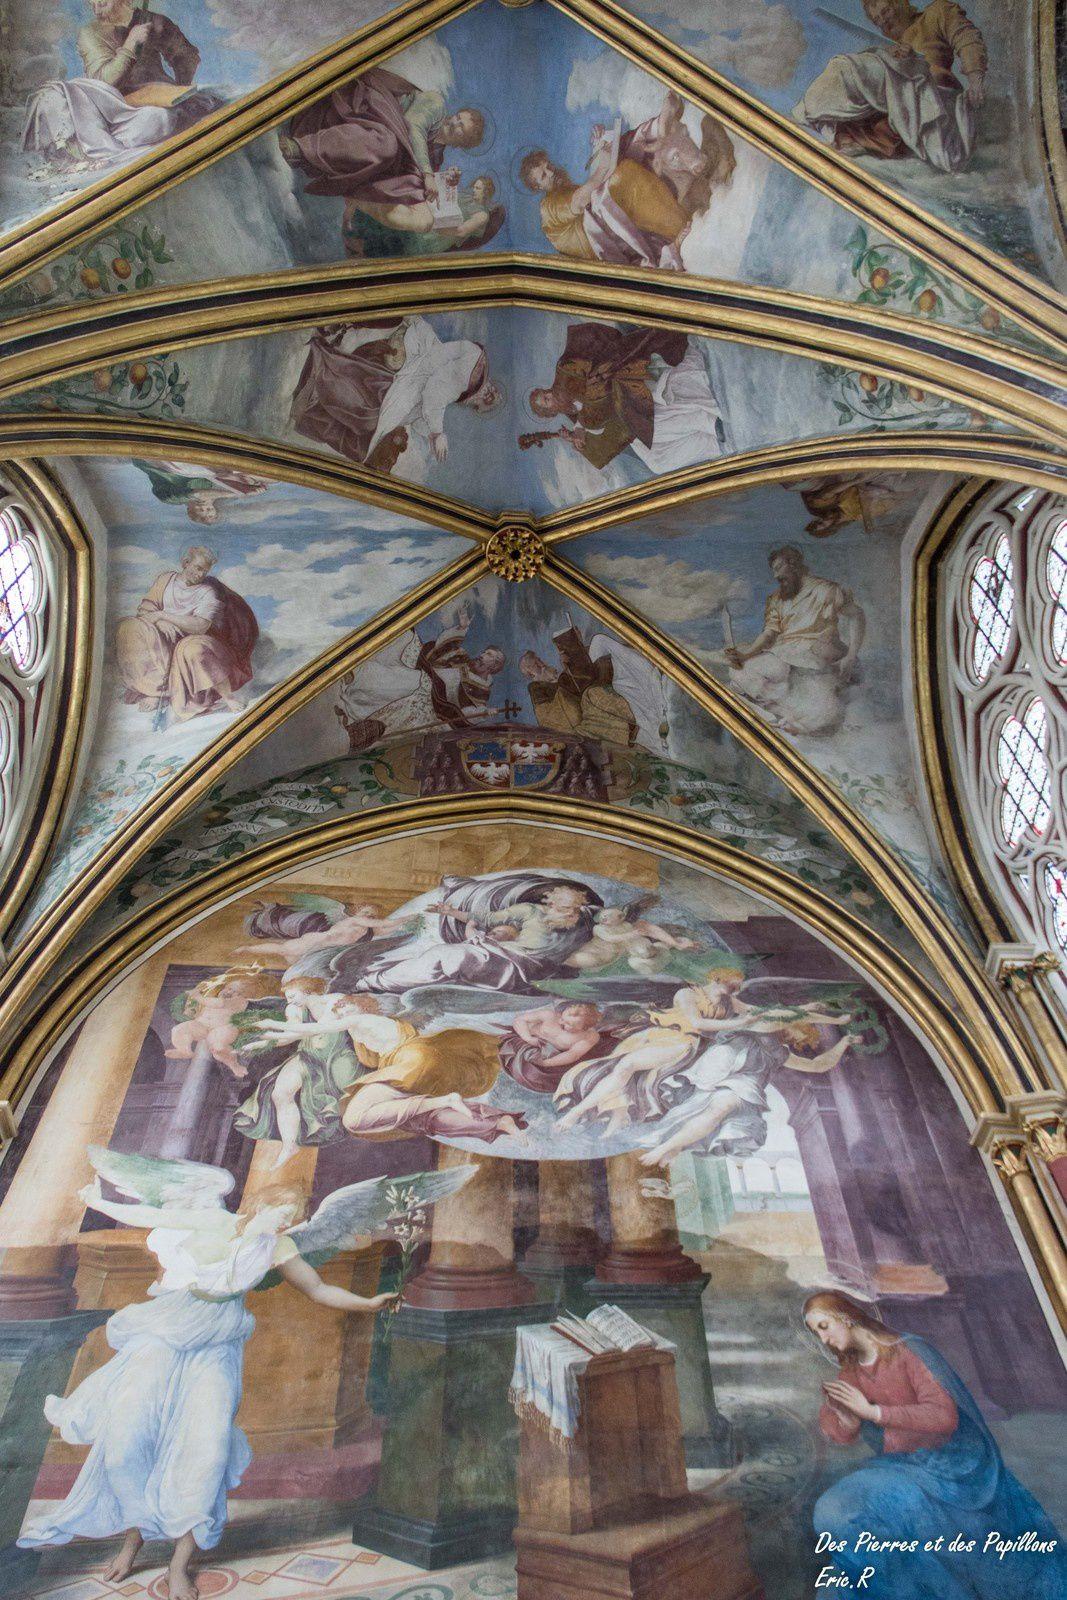 Vues intérieures de la chapelle Notre Dame avec les fresques du Primatice